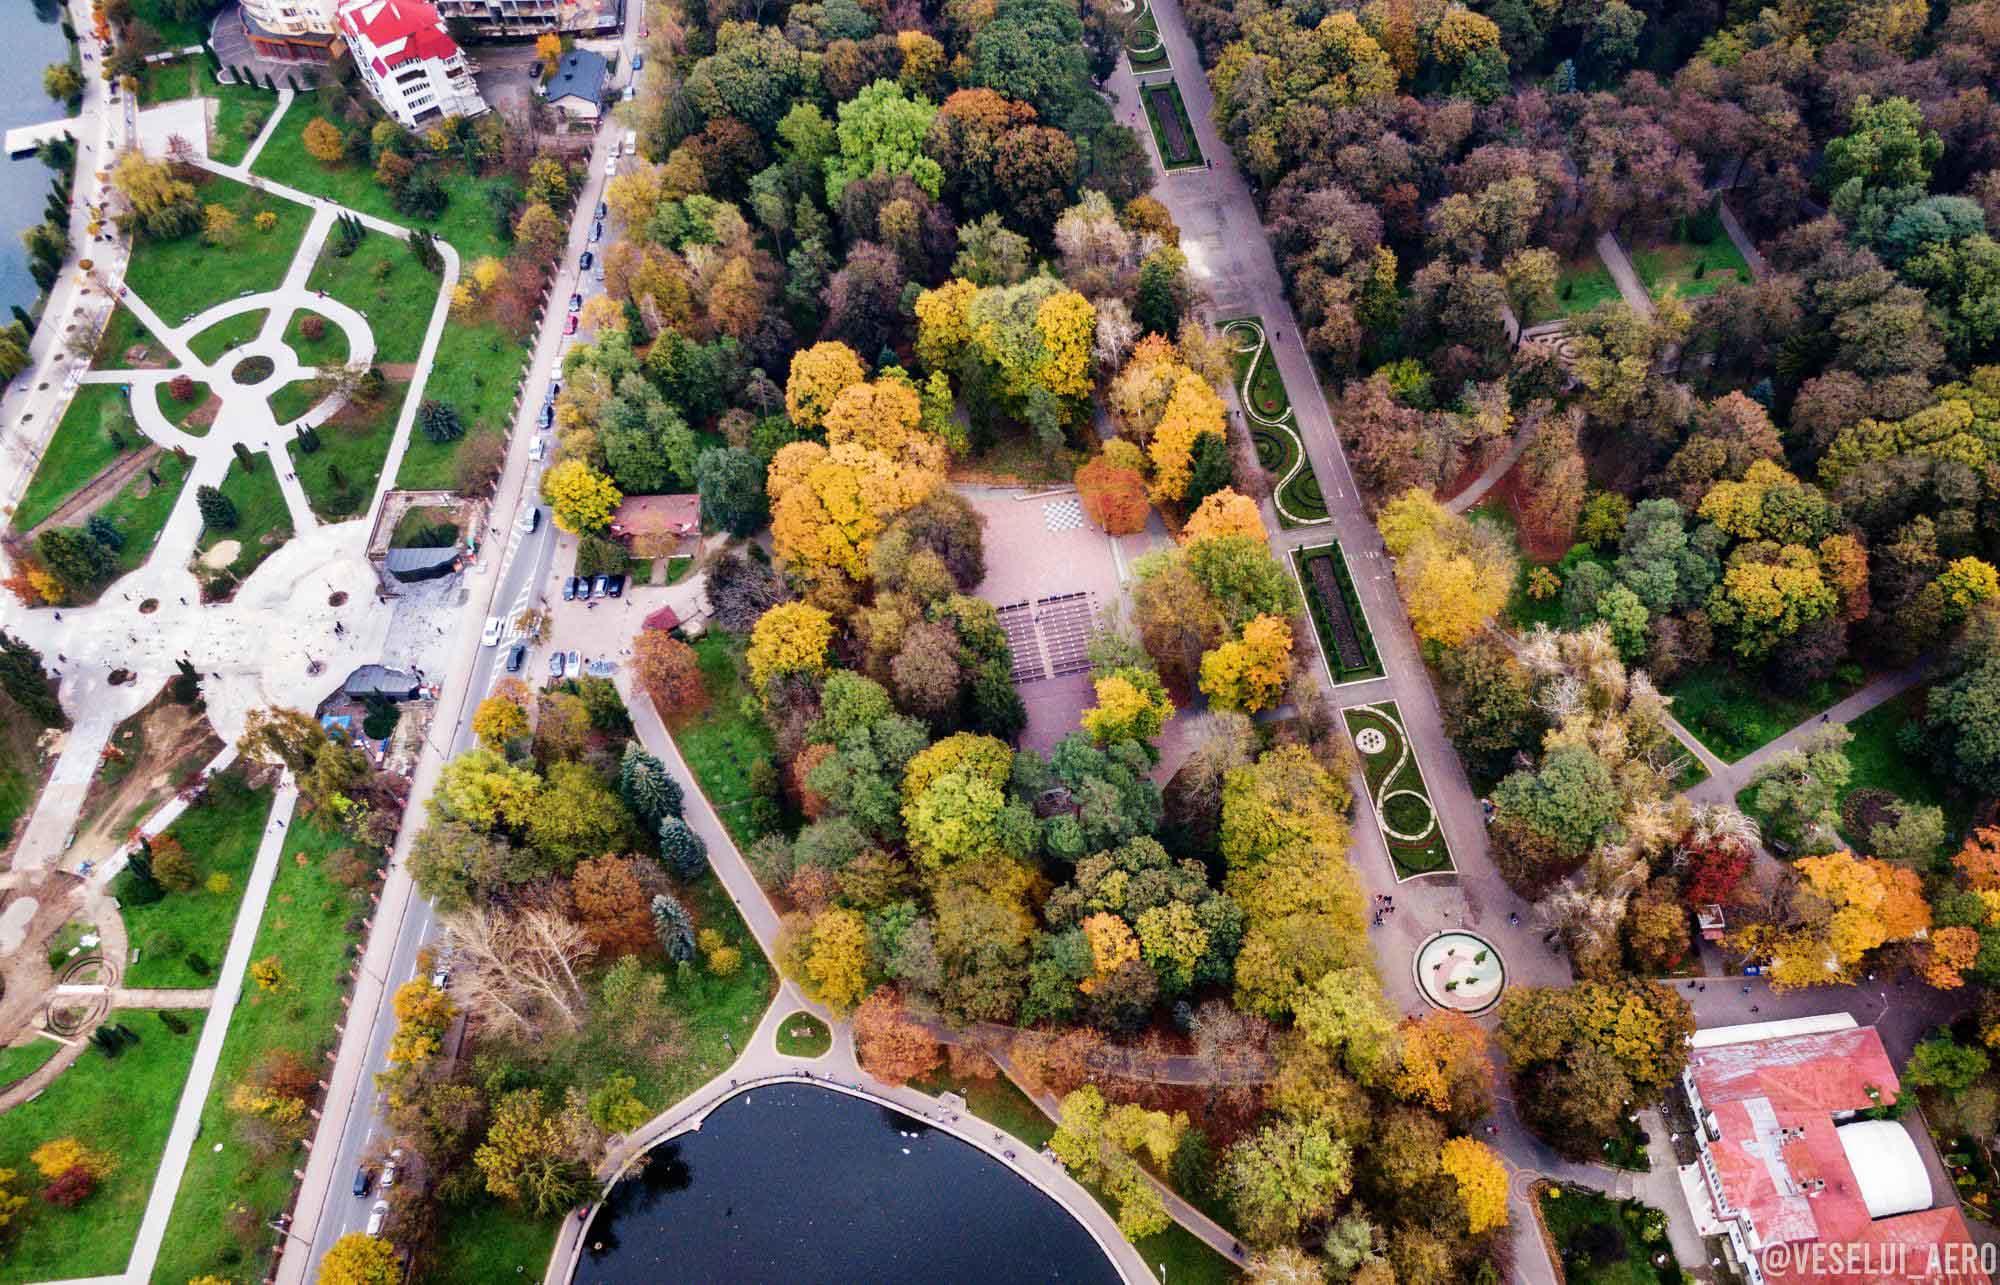 Осінній парк Франківська показали з висоти пташиного польоту (ФОТО)